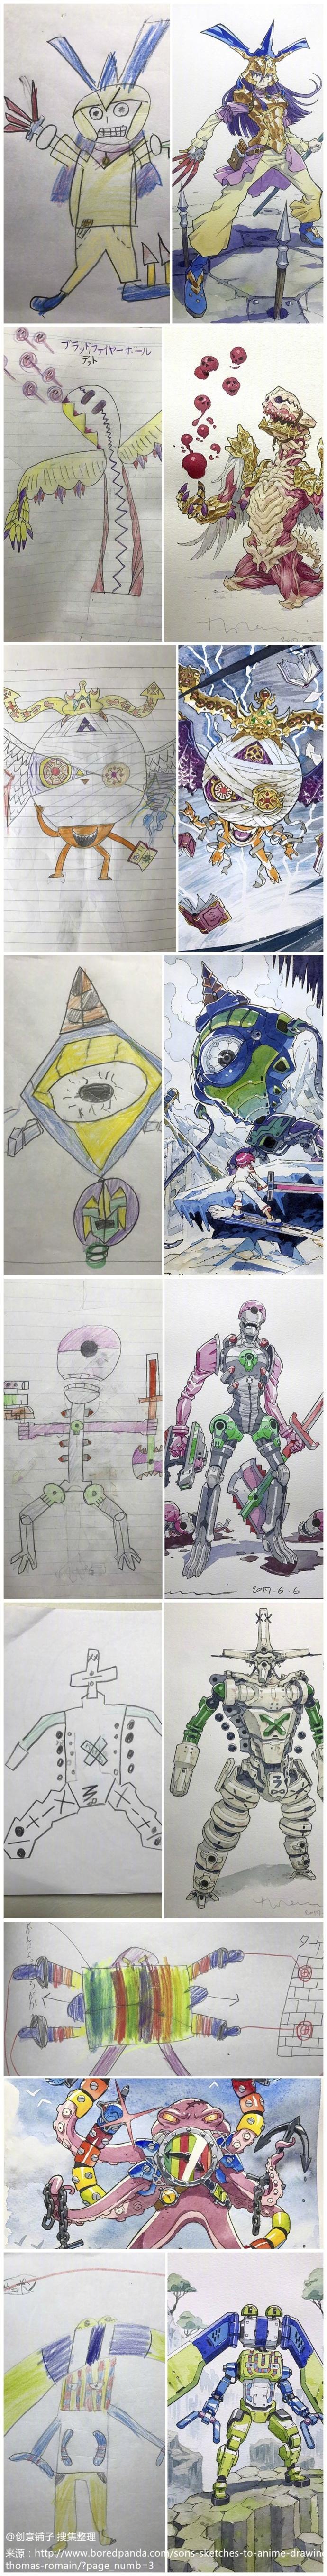 超酷炫的创意手绘卡通画